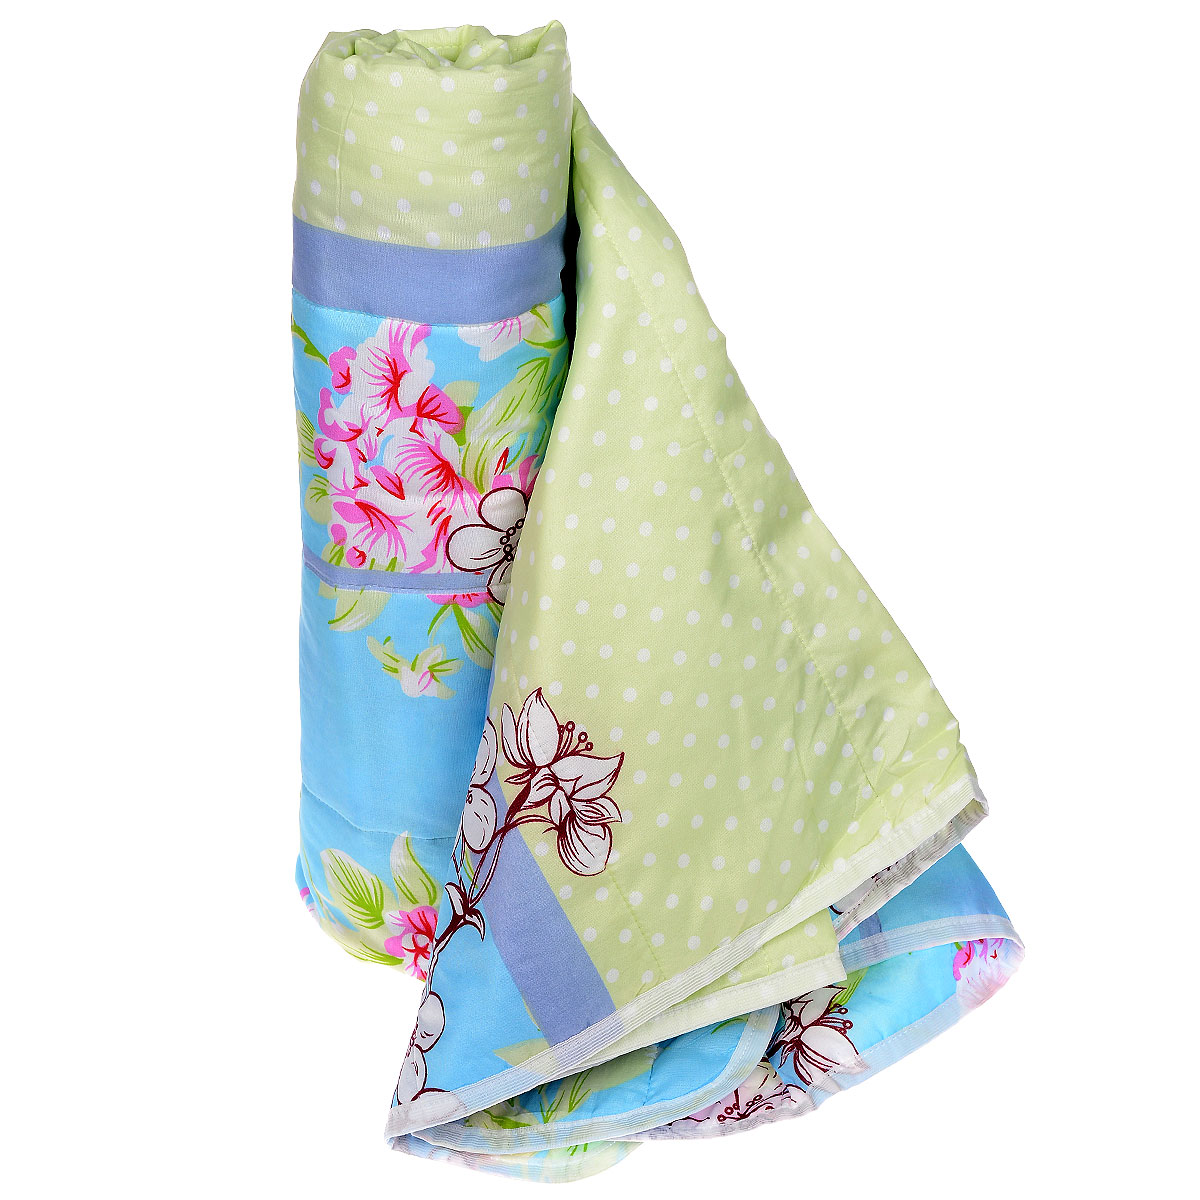 Одеяло летнее OL-Tex Miotex, наполнитель: полиэфирное волокно Holfiteks, 140 х 205 смМХПЭ-15-1Летнее одеяло OL-Tex Miotex создаст комфорт и уют во время сна. Стеганый чехол выполнен из полиэстера и оформлен красочным рисунком. Внутри - наполнитель из полиэфирного высокосиликонизированного волокна Holfiteks, упругий и качественный. Холфитекс - современный экологически чистый синтетический материал, изготовленный по новейшим технологиям. Его уникальность заключается в расположении волокон, которые позволяют моментально восстанавливать форму и сохранять ее долгое время. Изделия с использованием Холфитекса очень удобны в эксплуатации - их можно часто стирать без потери потребительских свойств, они быстро высыхают, не впитывают запахов и совершенно гиппоаллергенны. Холфитекс также обеспечивает хорошую терморегуляцию, поэтому изделия с наполнителем из холфитекса очень комфортны в использовании. Летнее одеяло с наполнителем Холфитекс прекрасно держит тепло, при этом оно очень легкое и уютное. Оно комфортно согревает и создает отличный микроклимат, под ним не будет жарко спать летом. За одеялом легко ухаживать, можно стирать в стиральной машинке.Рекомендации по уходу:- Ручная и машинная стирка при температуре 30°С.- Не гладить.- Не отбеливать. - Нельзя отжимать и сушить в стиральной машине.- Сушить вертикально. Размер одеяла: 140 см х 205 см. Материал чехла: 100% полиэстер. Материал наполнителя: полиэфирное высокосиликонизированное волокно Holfiteks. Плотность: 100 г/м2.